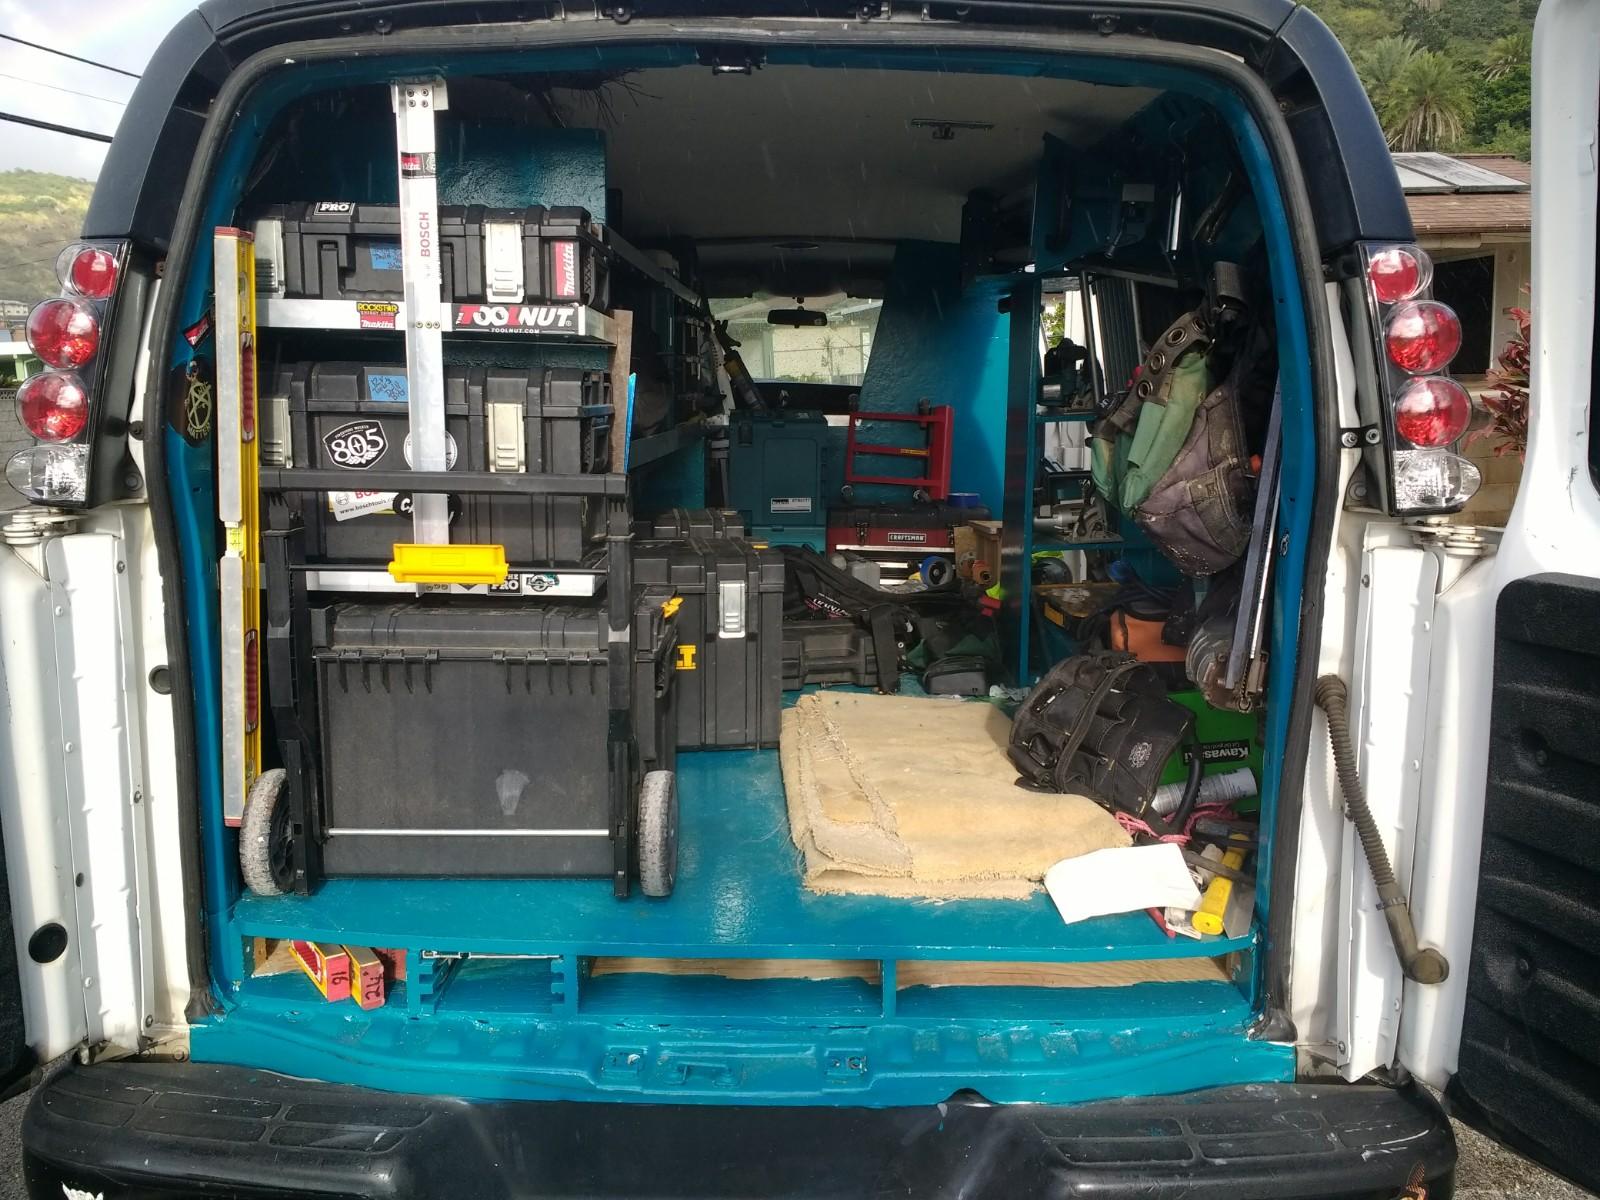 Post your work truck/van thread-img_20181221_160019475.jpg